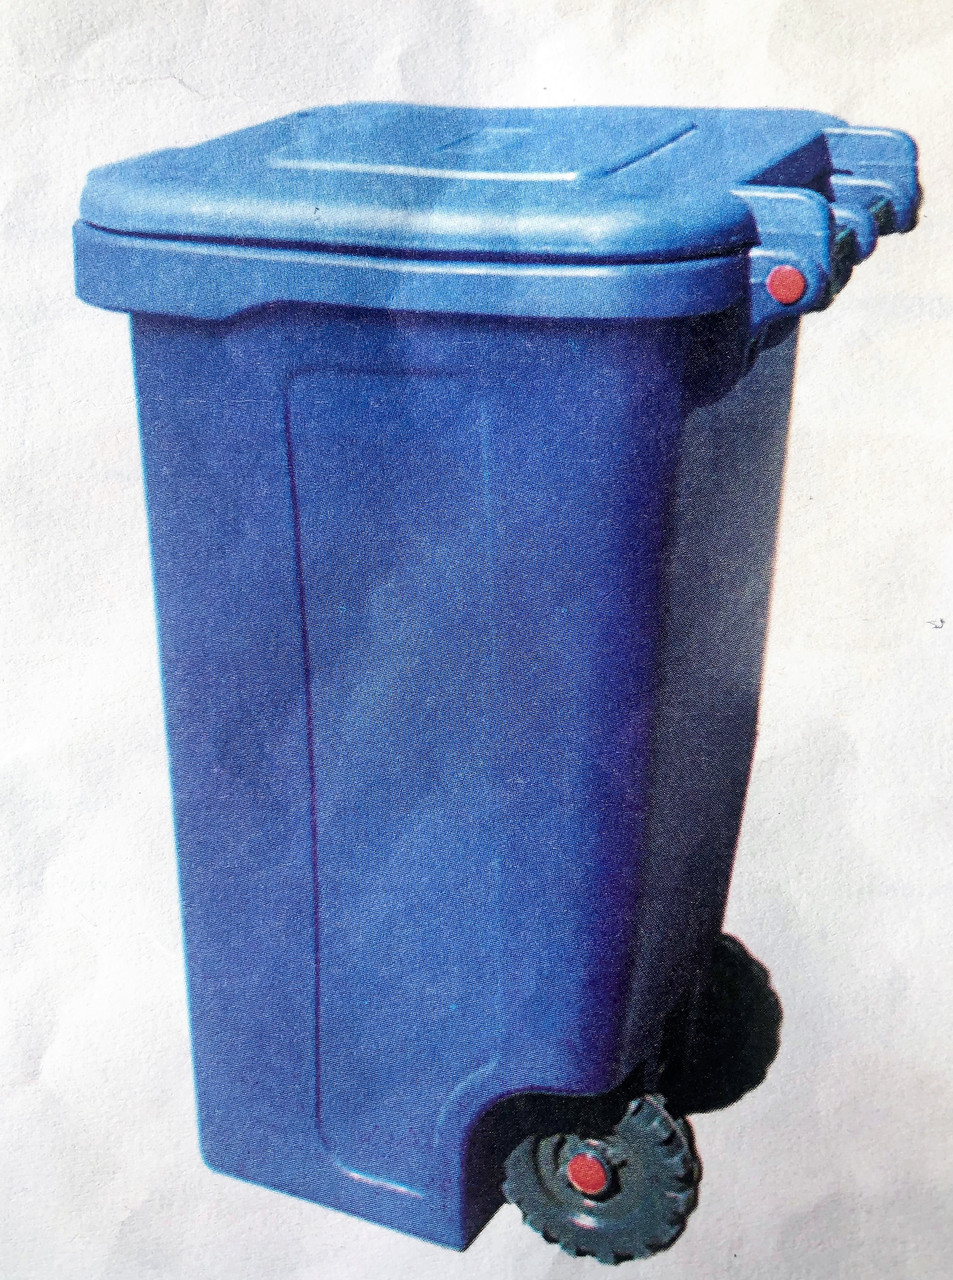 Контейнер для сміття на колесах, 240л, Од